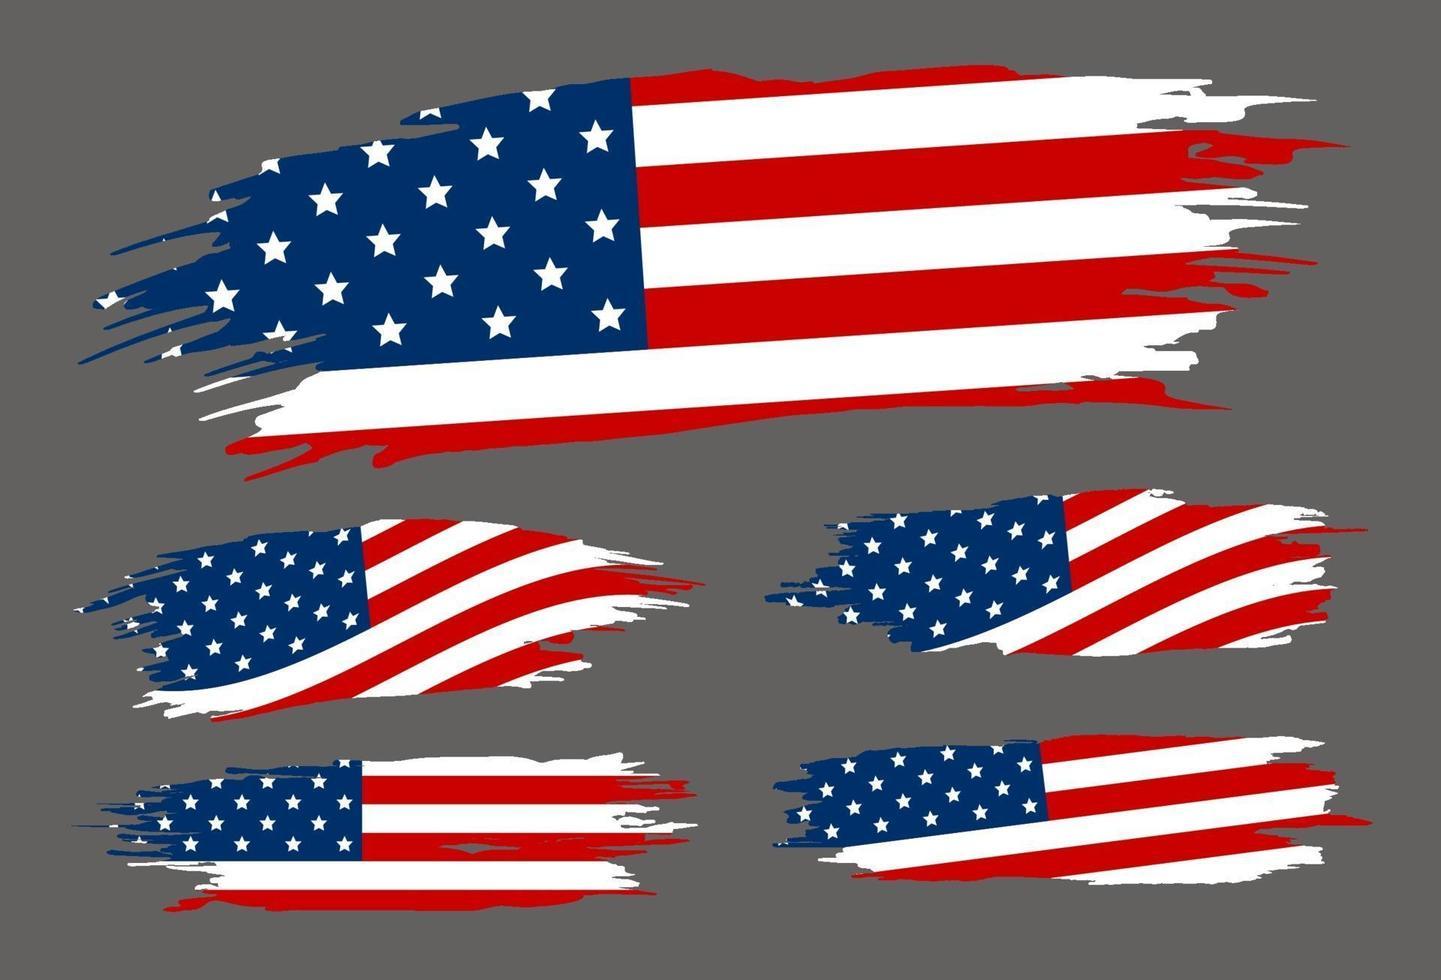 Pinceau de drapeau usa sur illustration vectorielle fond gris vecteur